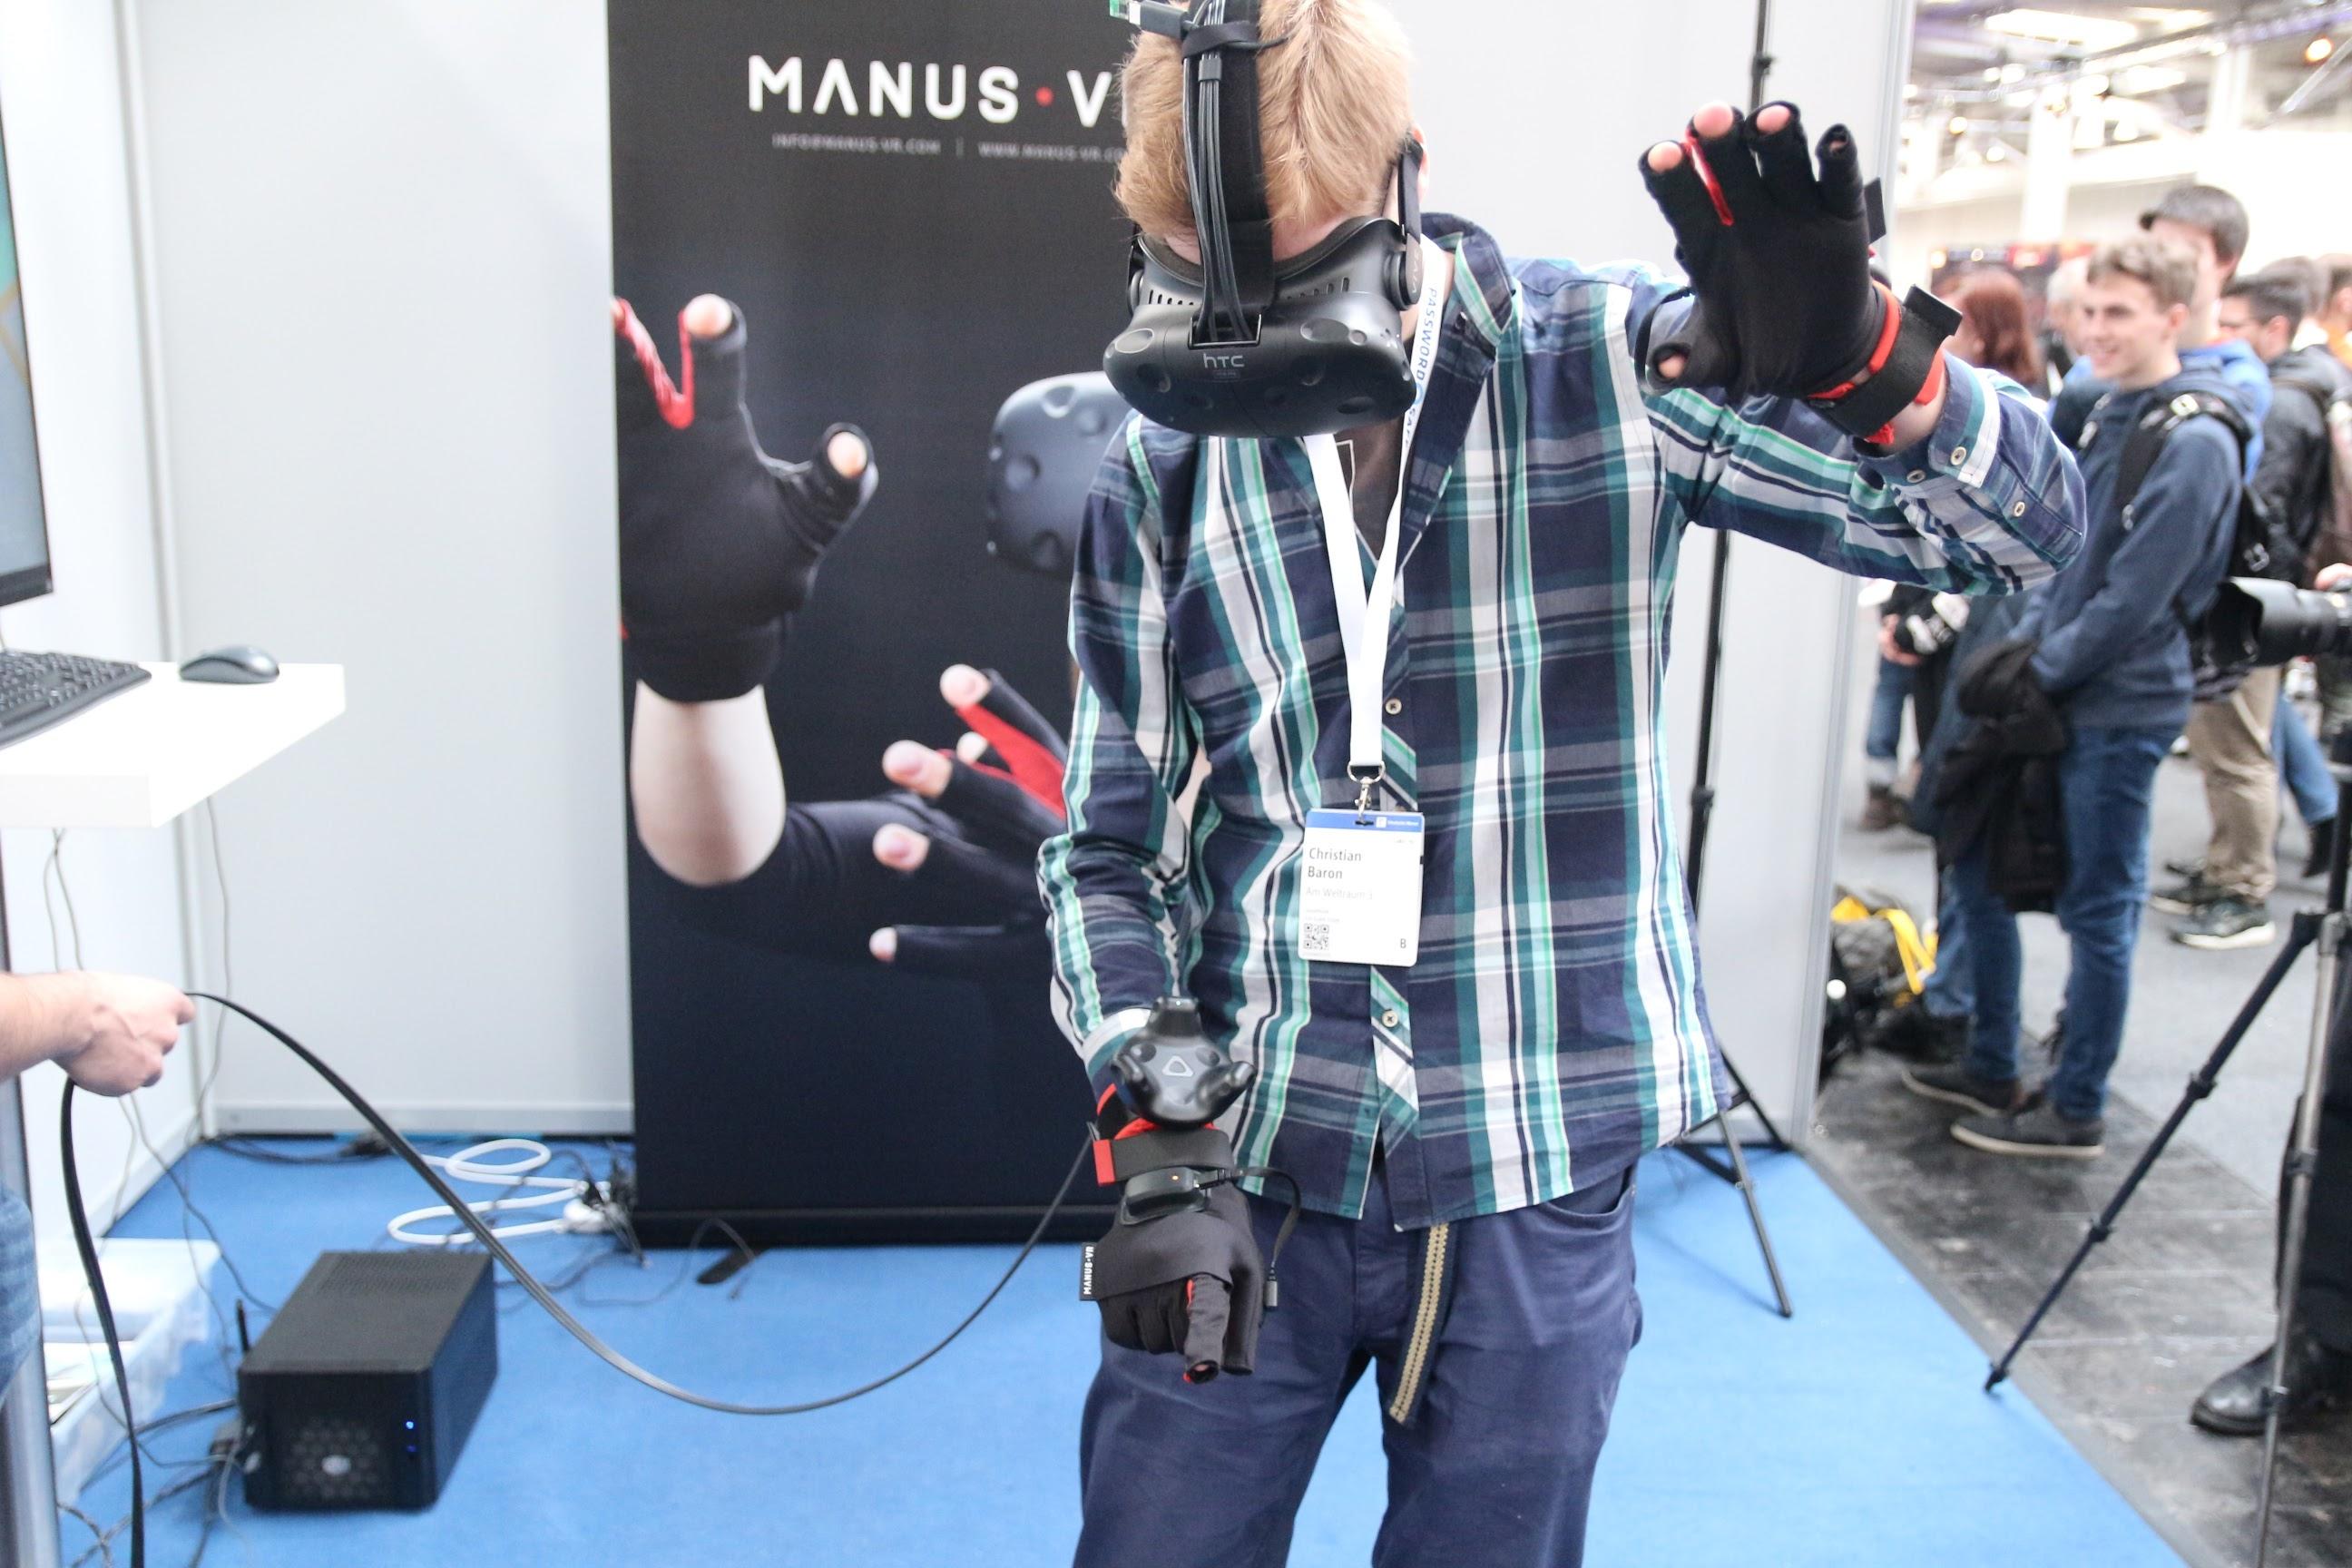 CeBIT2017 Manus VR